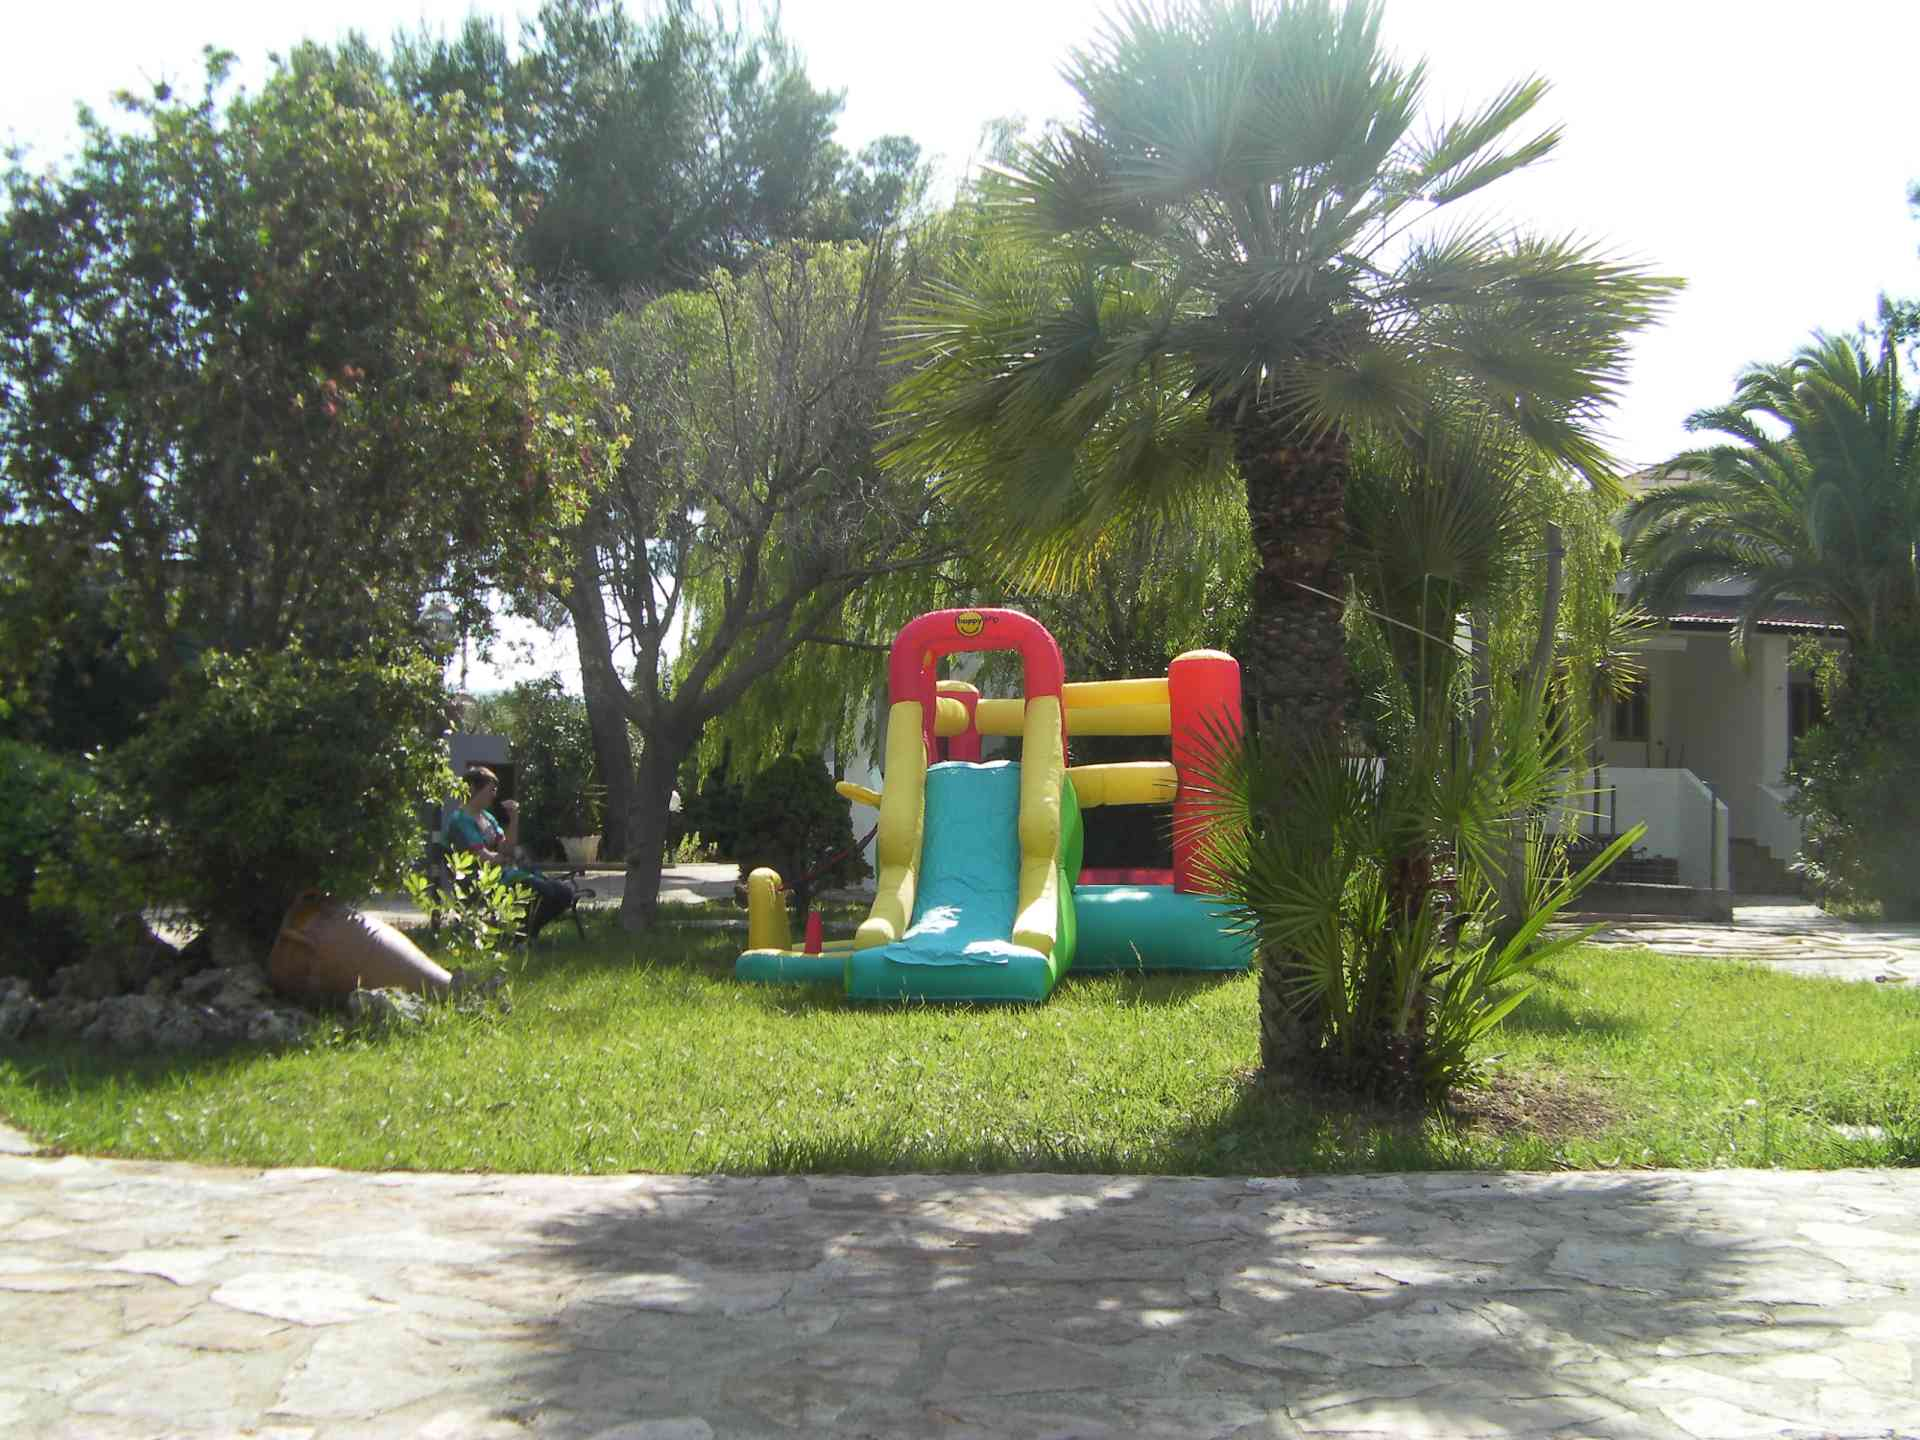 gioco gonfiabile situato nelle case del residence maddalena